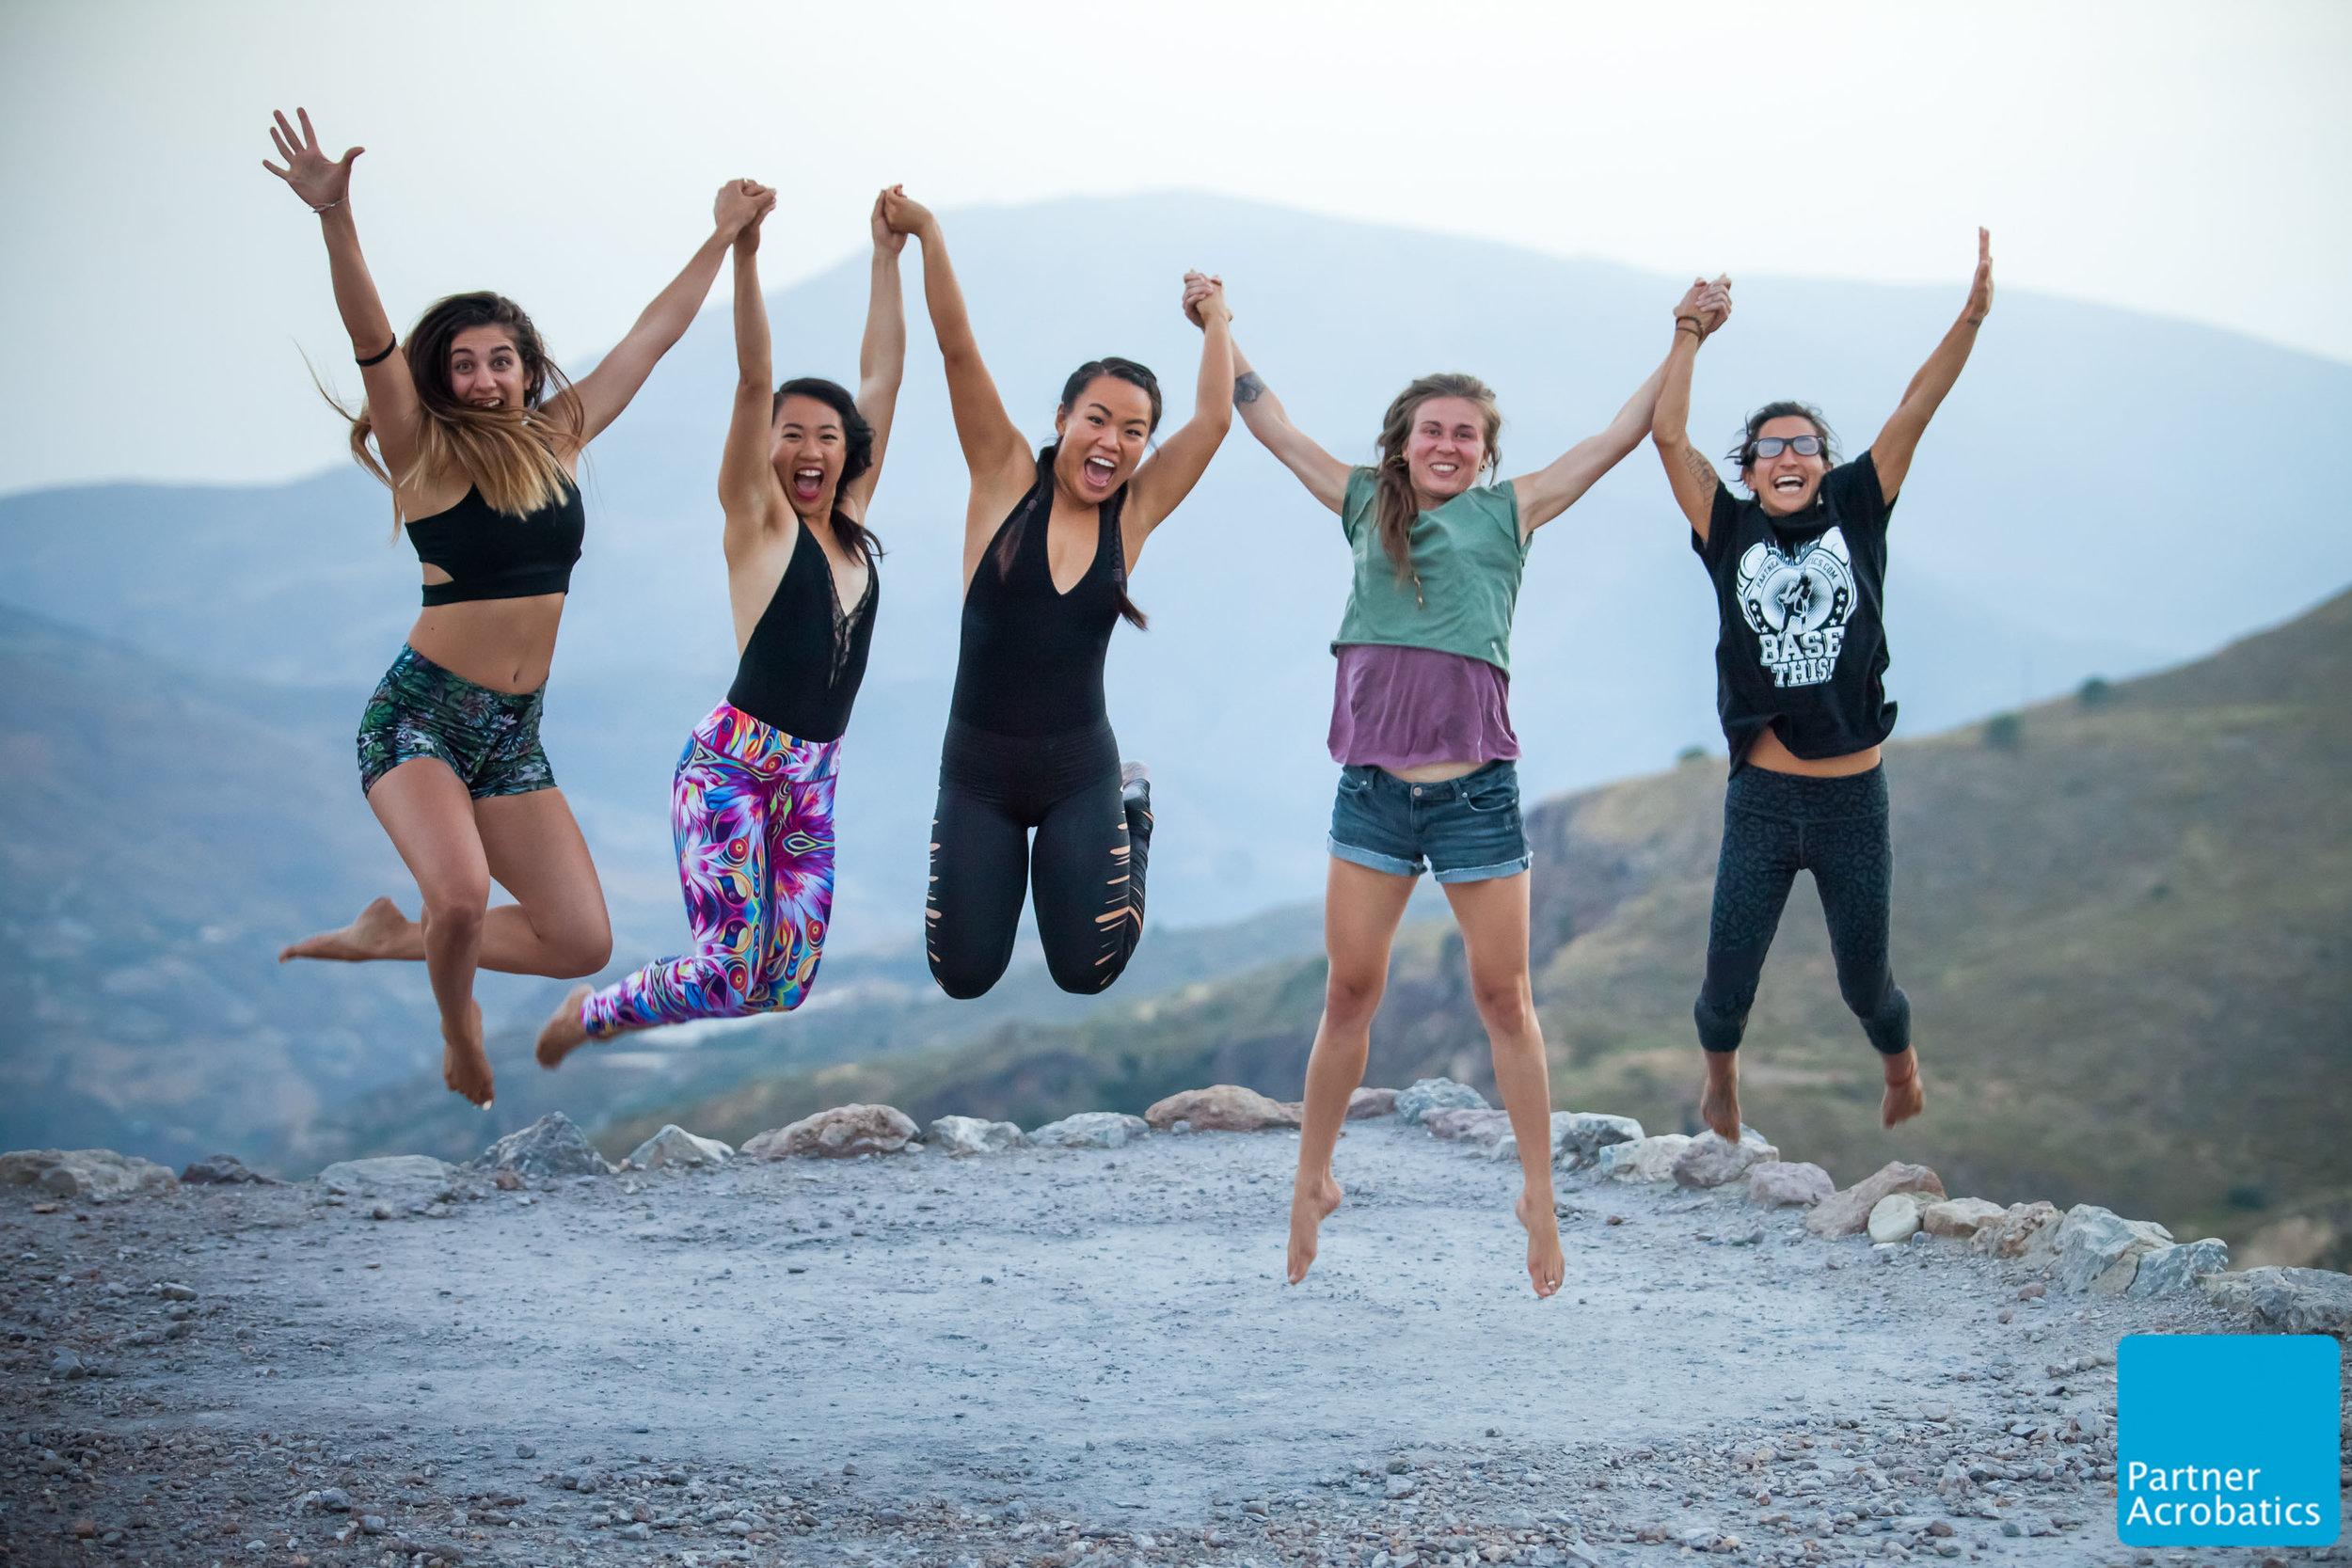 Ishine Gape Photography | Partner Acrobatics Training